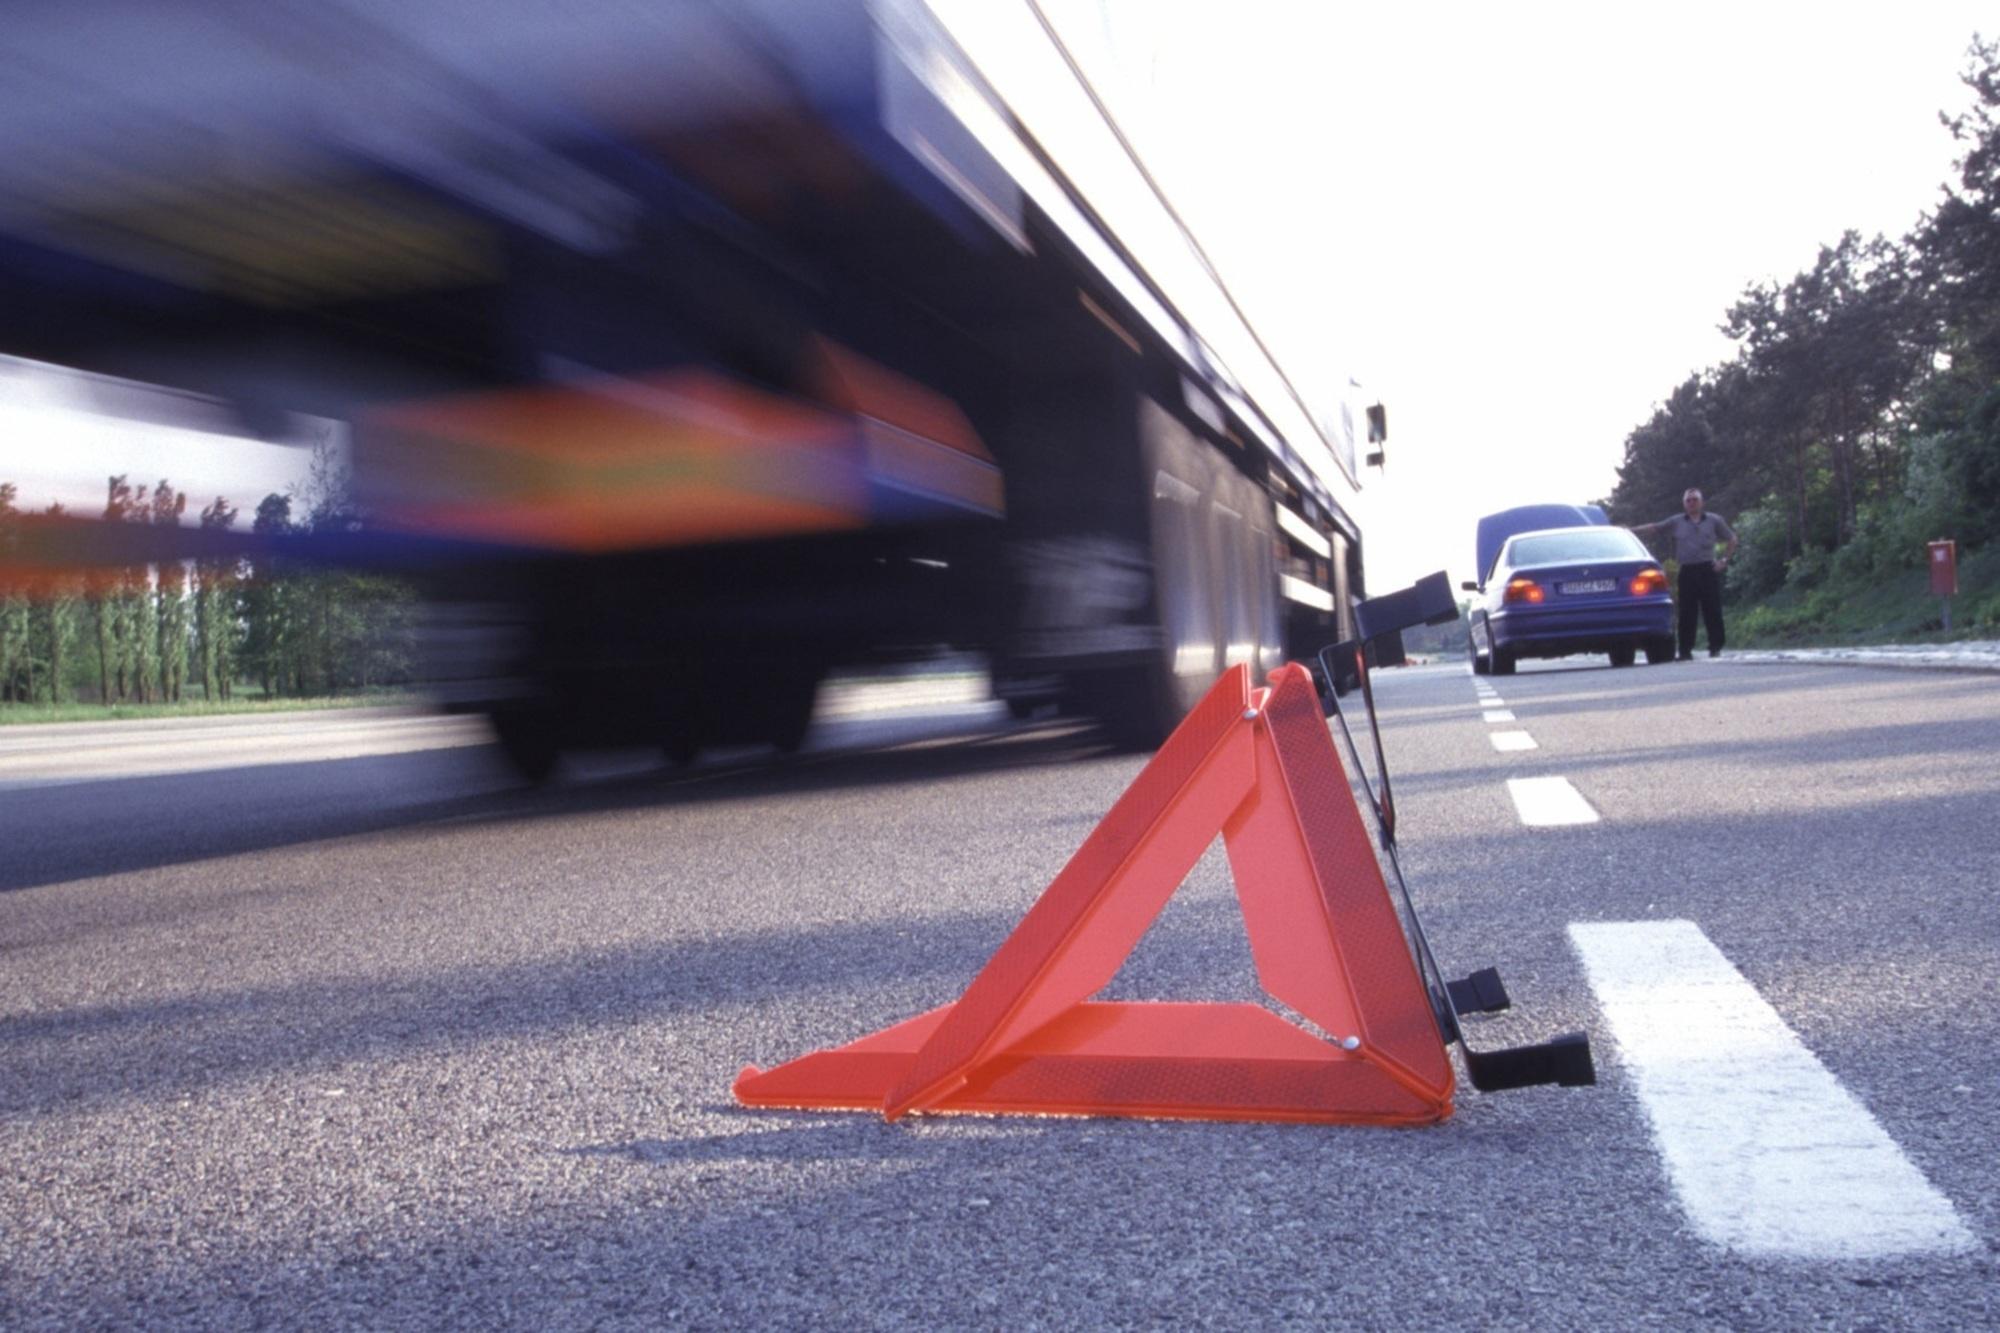 Recht: Unfall auf der Autobahn - Fahrbahn betreten verboten